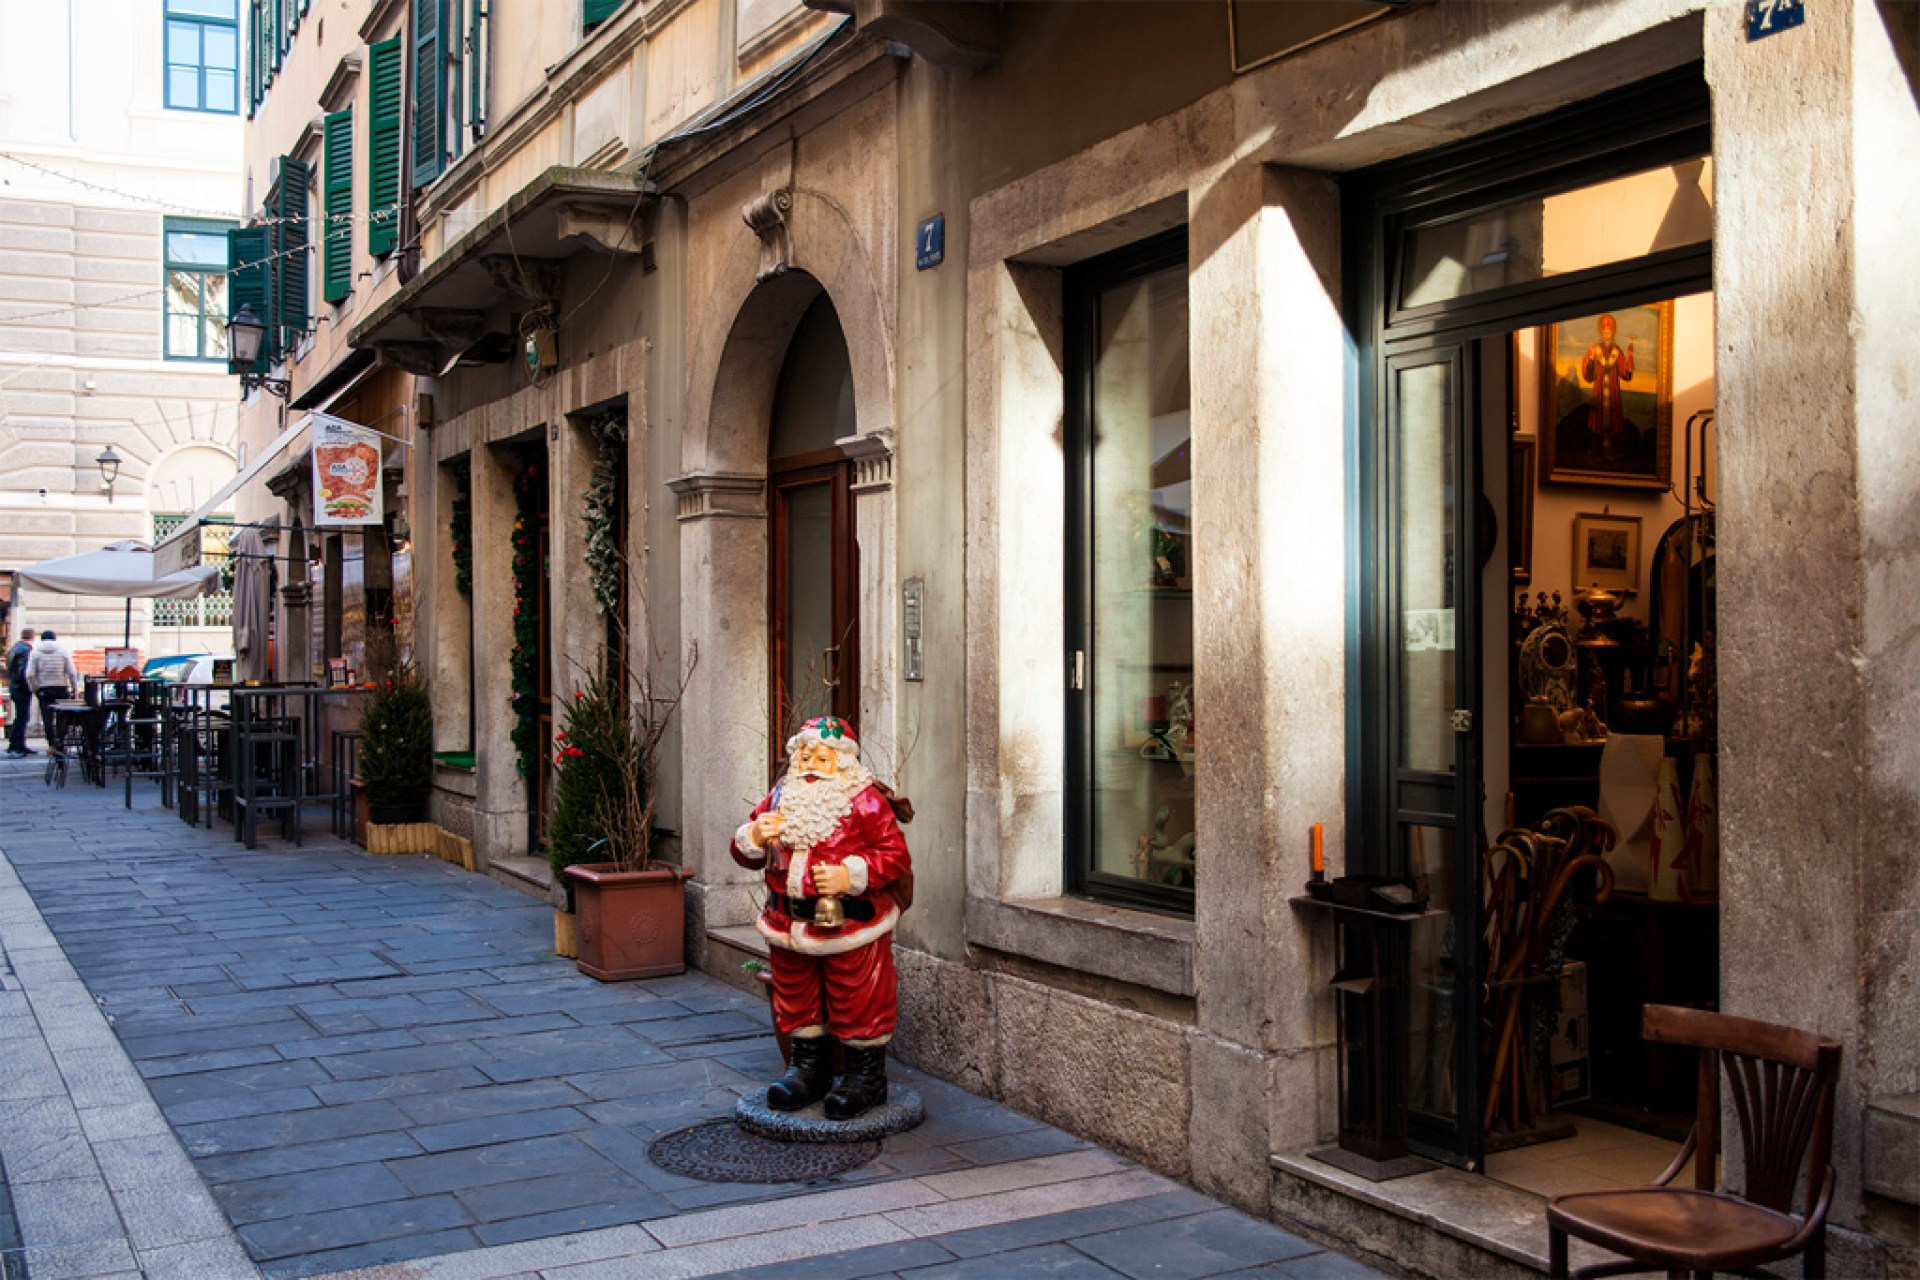 Figurka Mikołaja przed sklepem